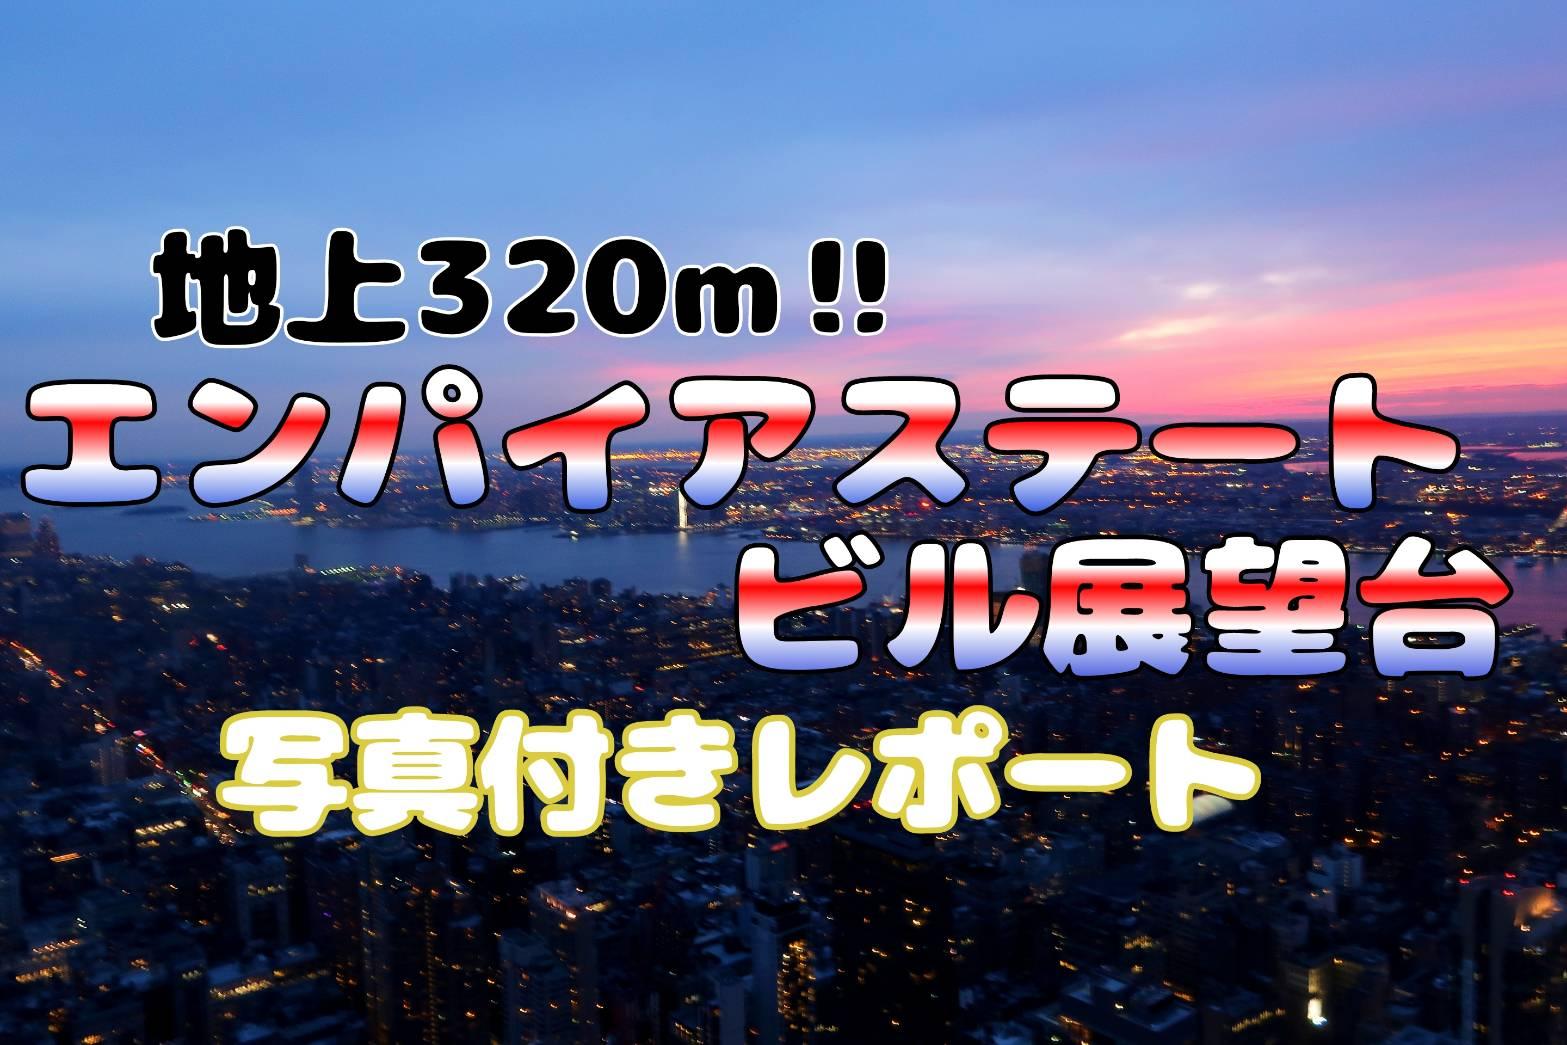 エンパイアステートビル展望台!!おすすめの時間と86階から絶景夜景をレポート!